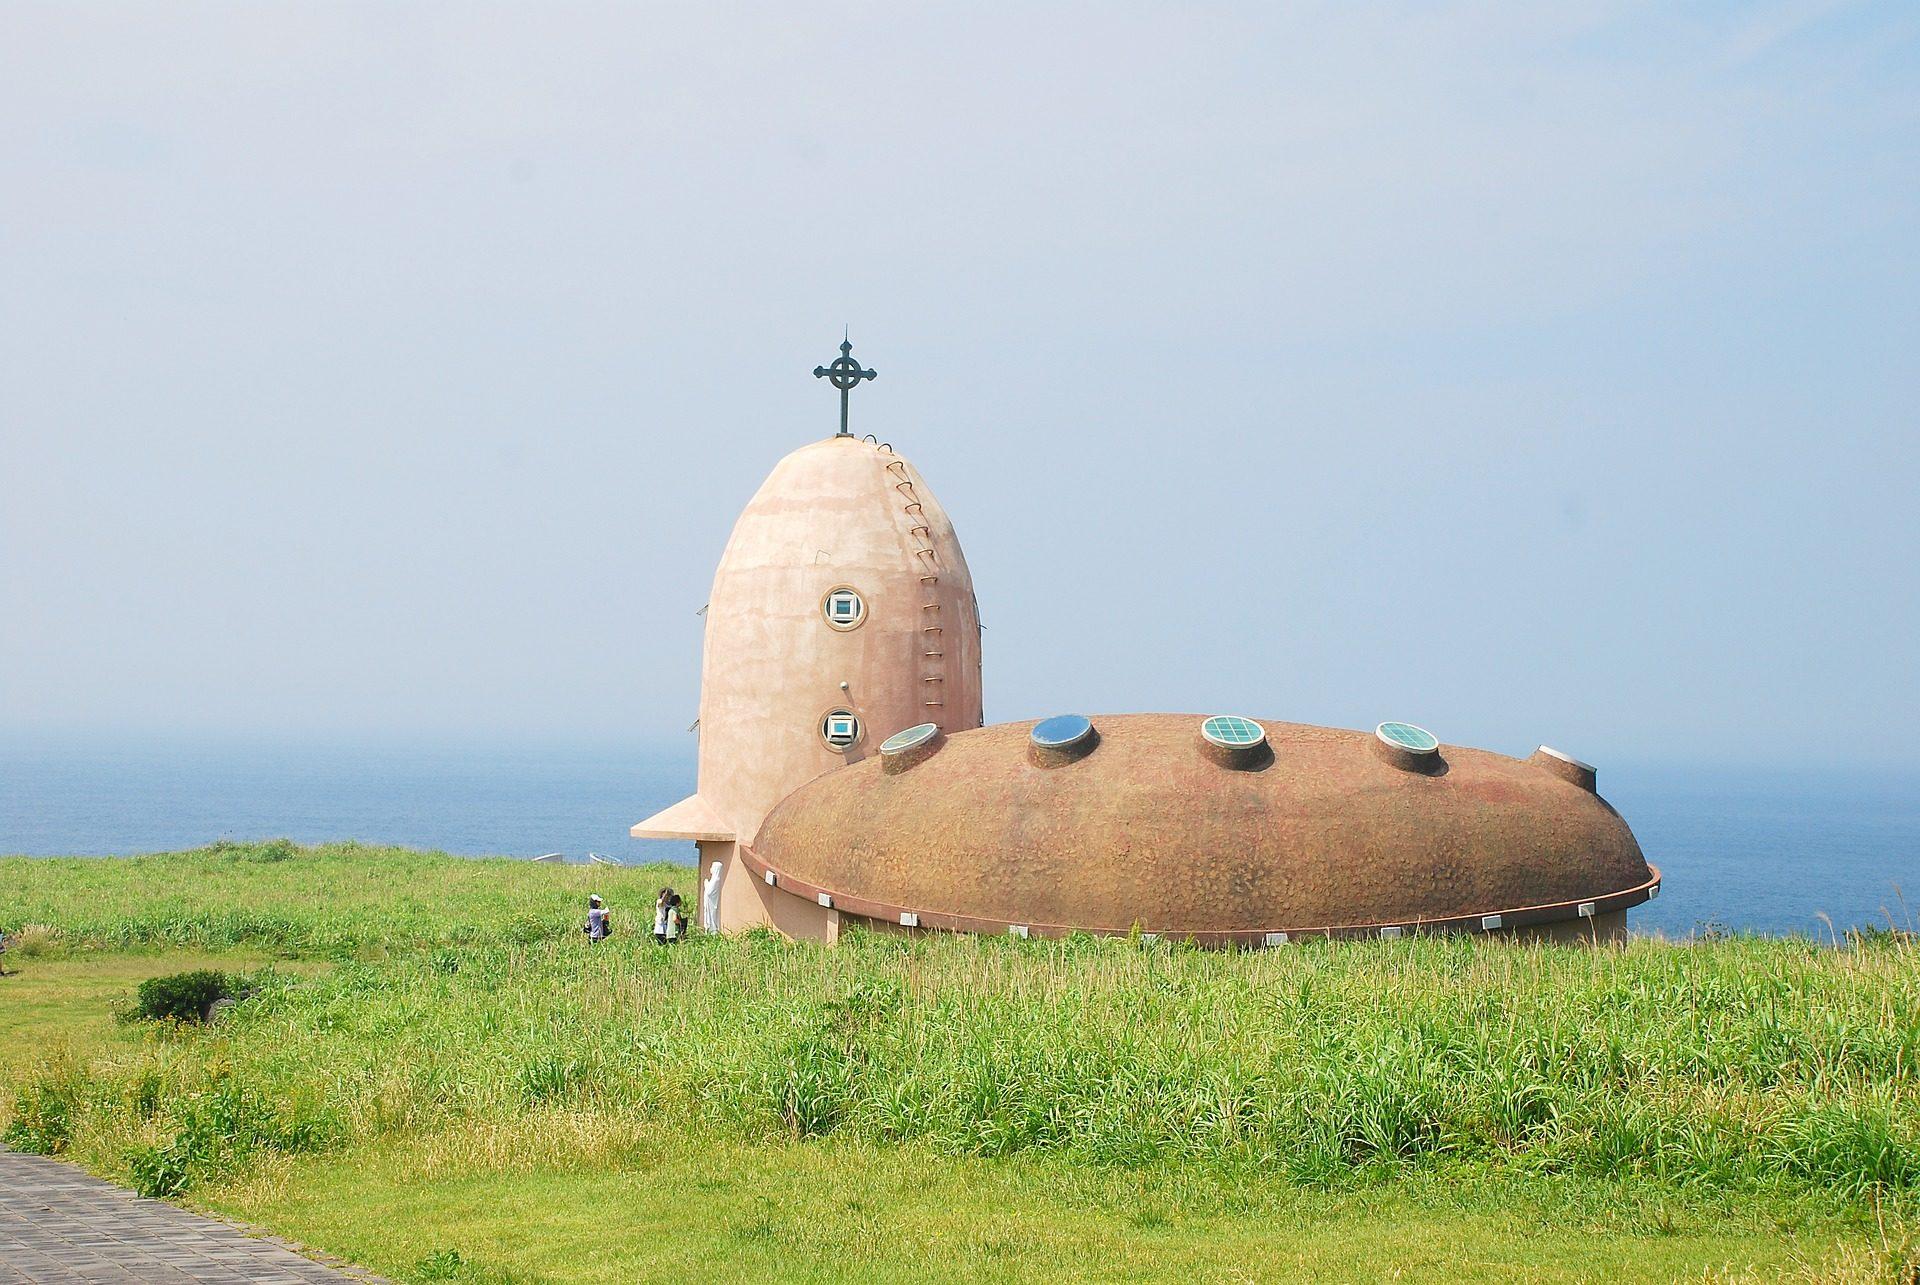 大聖堂, 羅, 韓国済州島, 韓国, プラド, 海, クロス - HD の壁紙 - 教授-falken.com